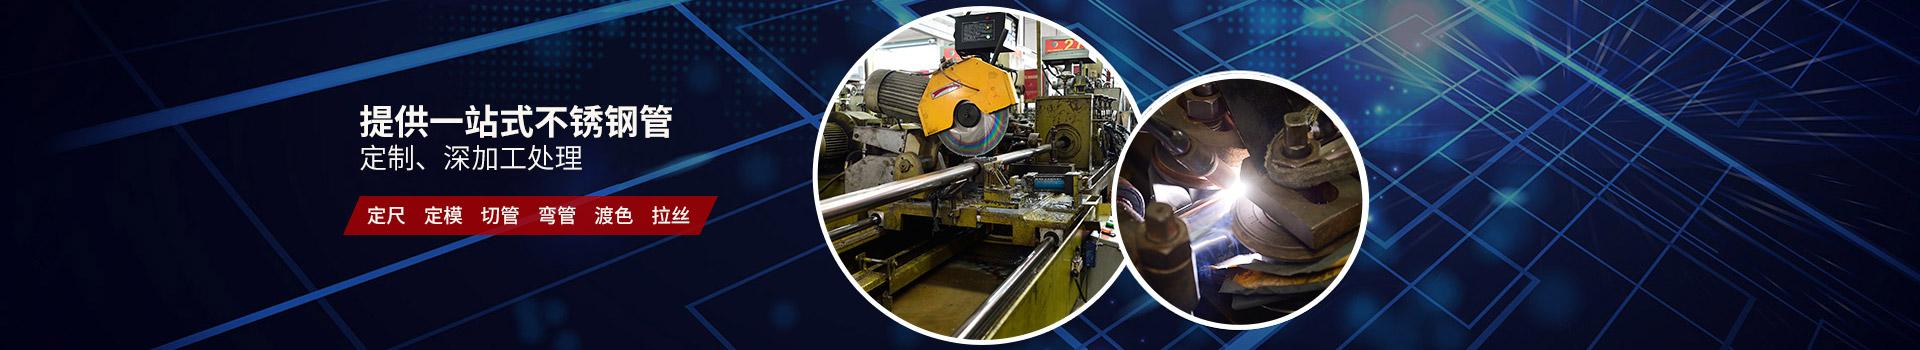 管刚强--提供一站式不锈钢管定制、深加工处理